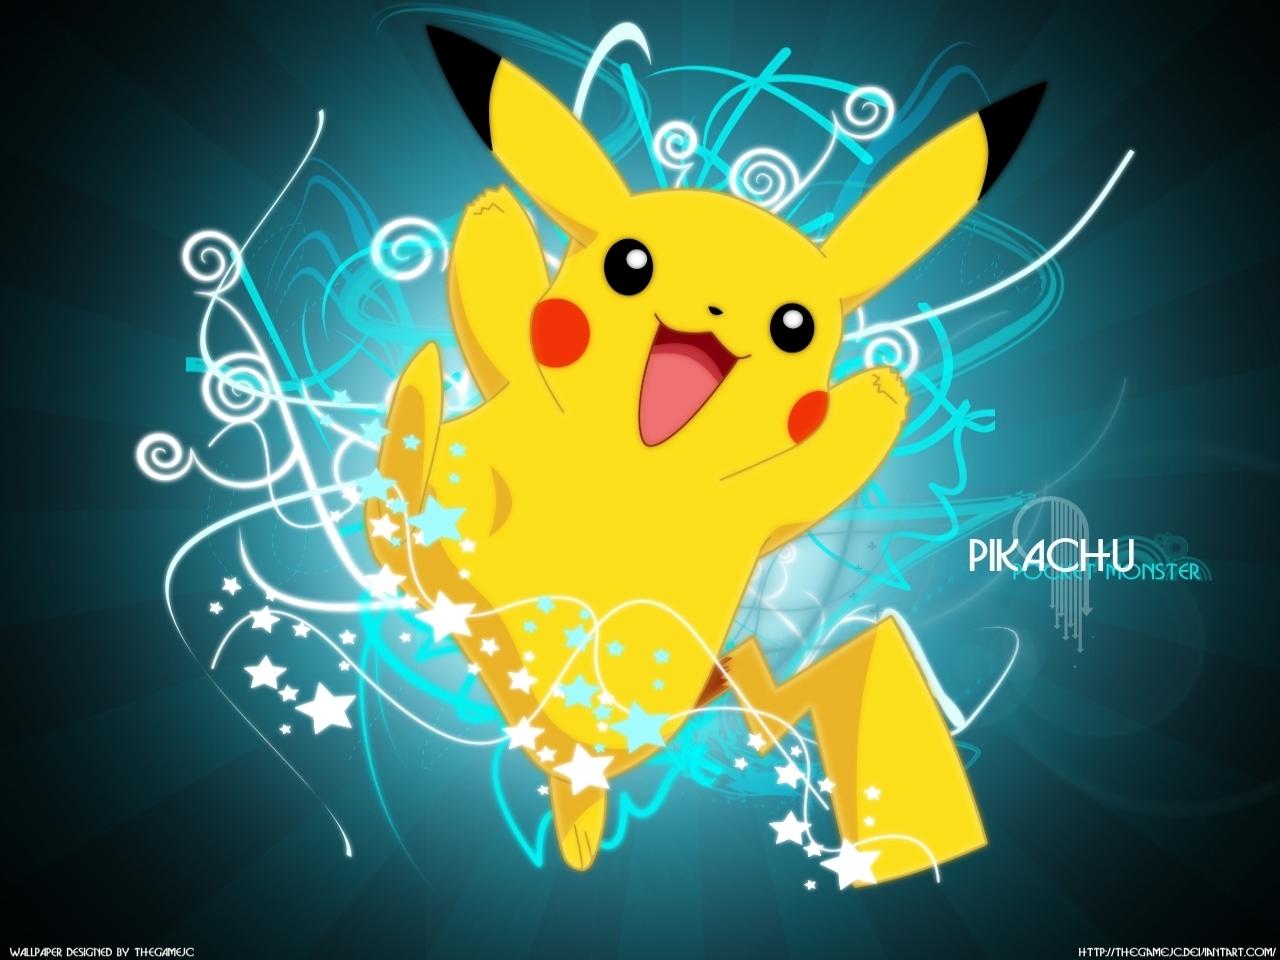 Electric Type Pokemon images pikachu wallpaper HD 1280x960